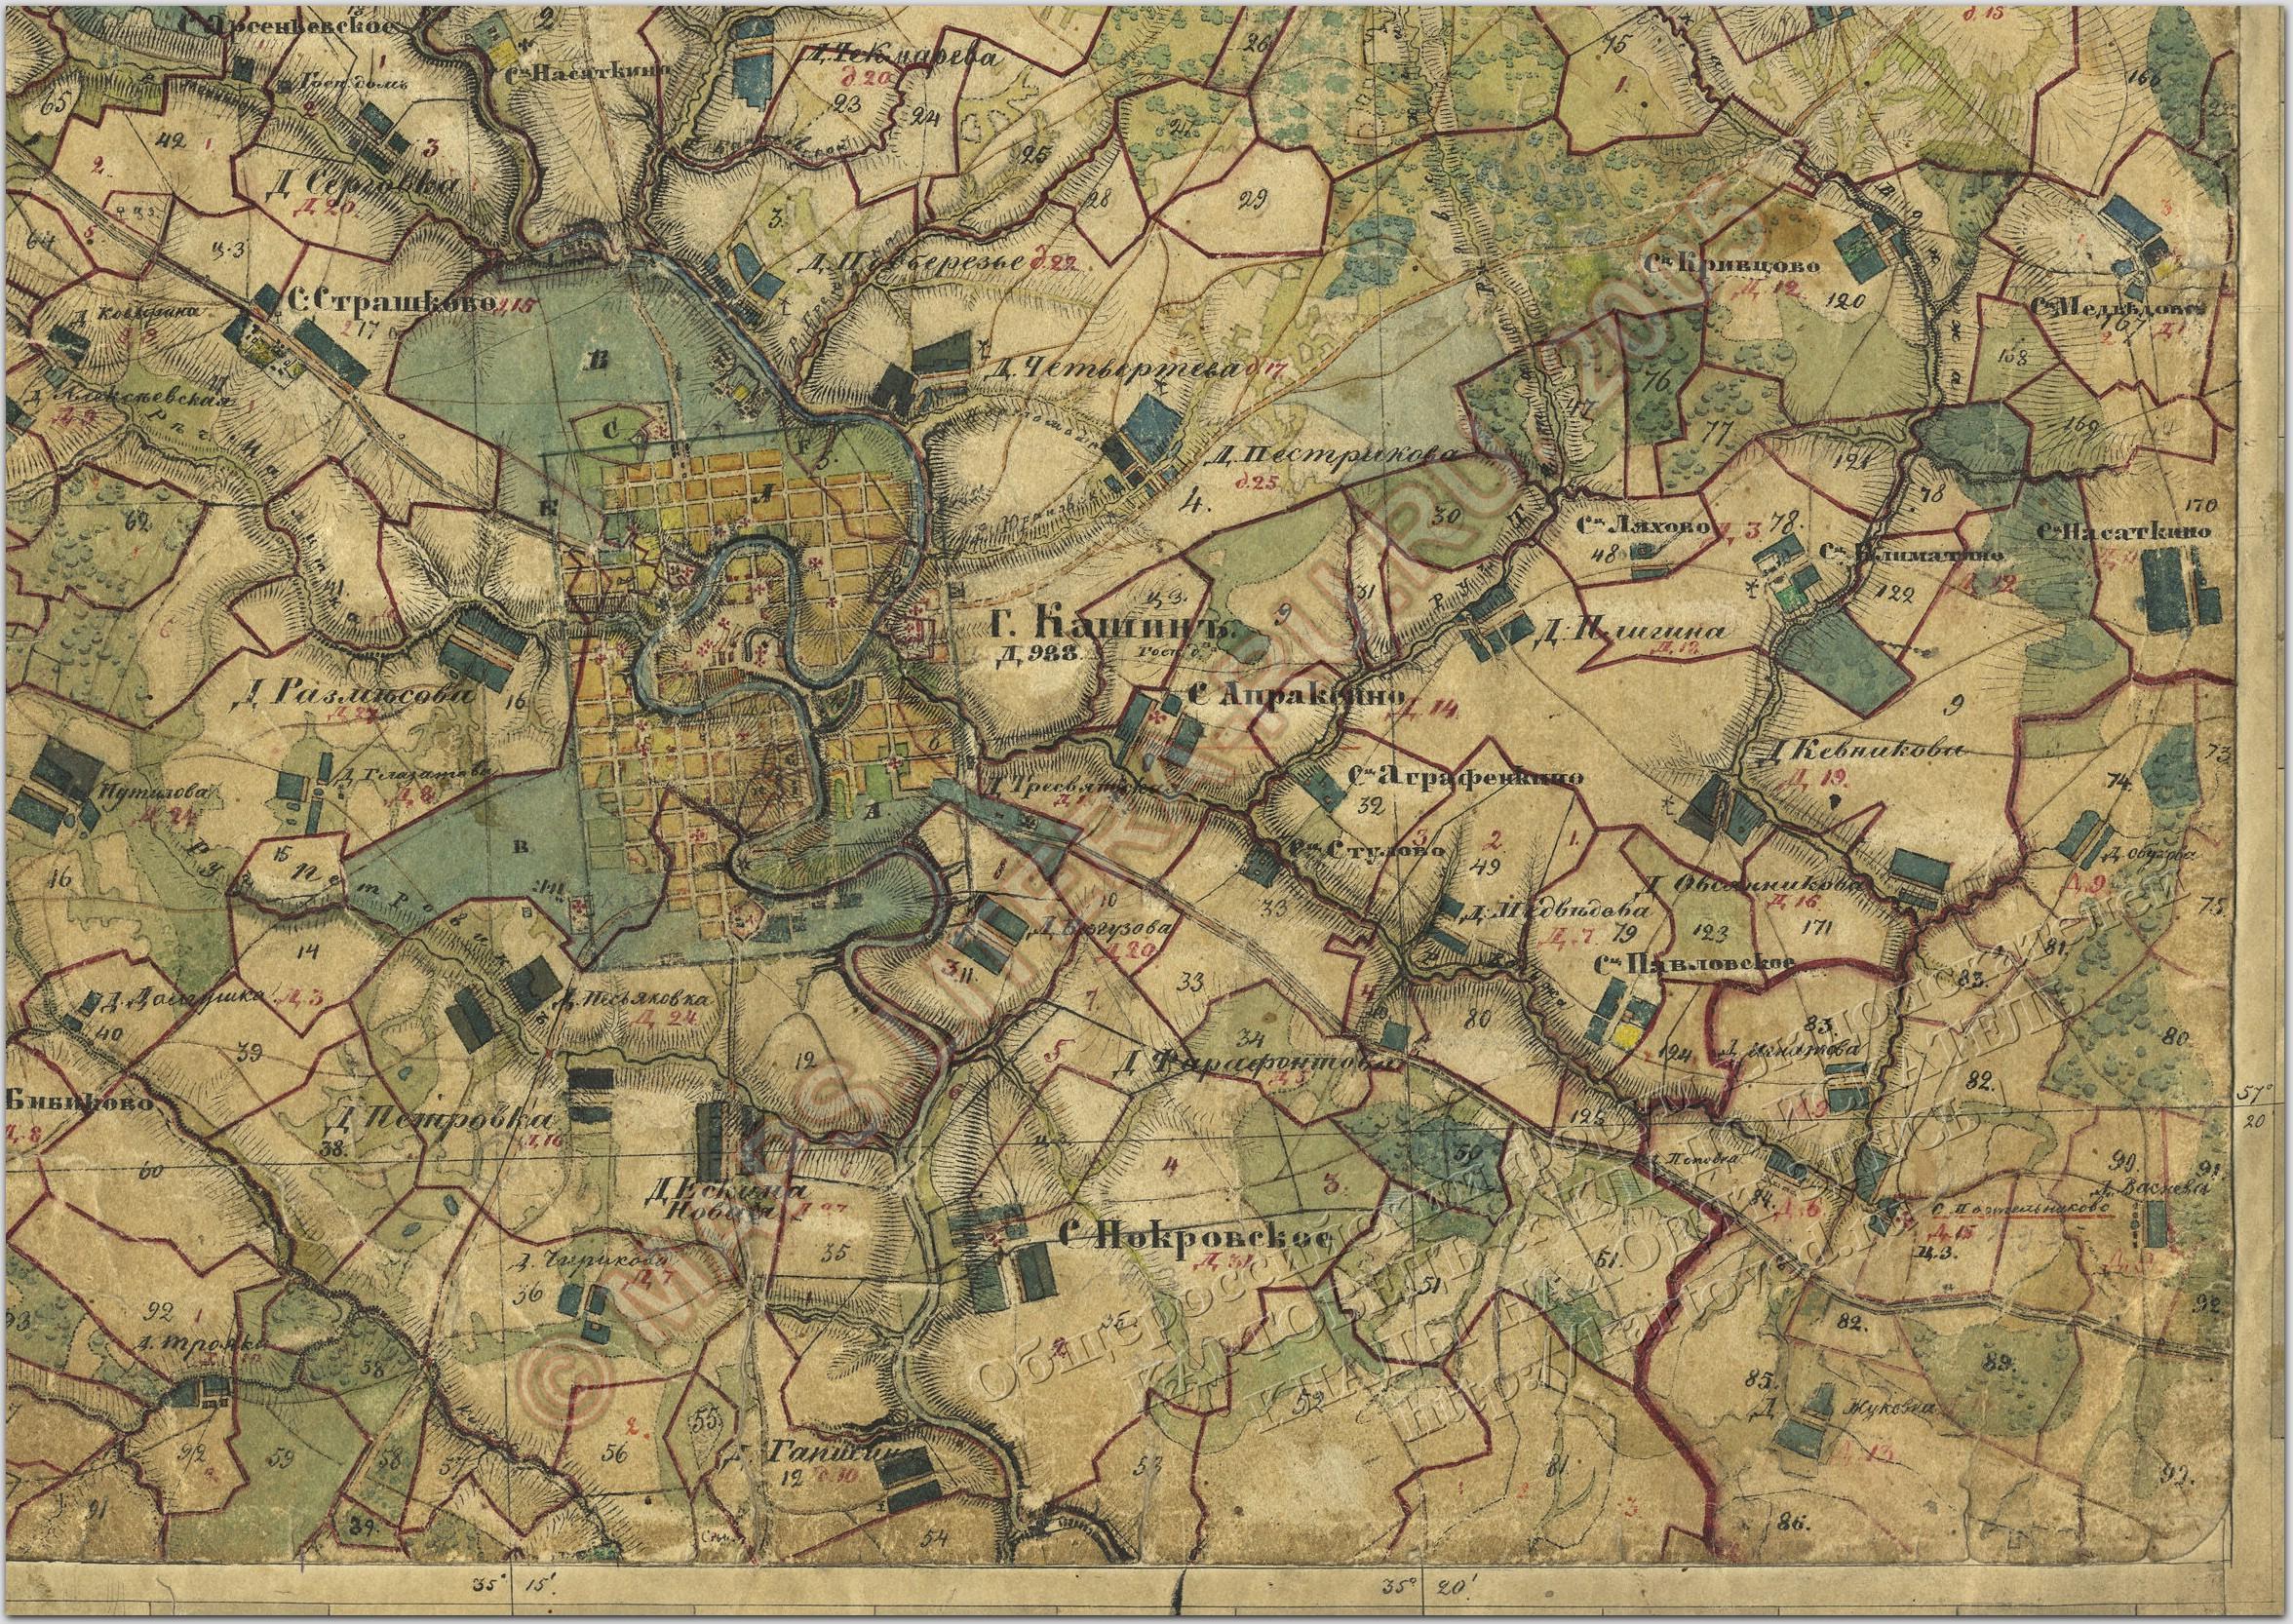 карта трактов калужской губерни с онлайн привязкой